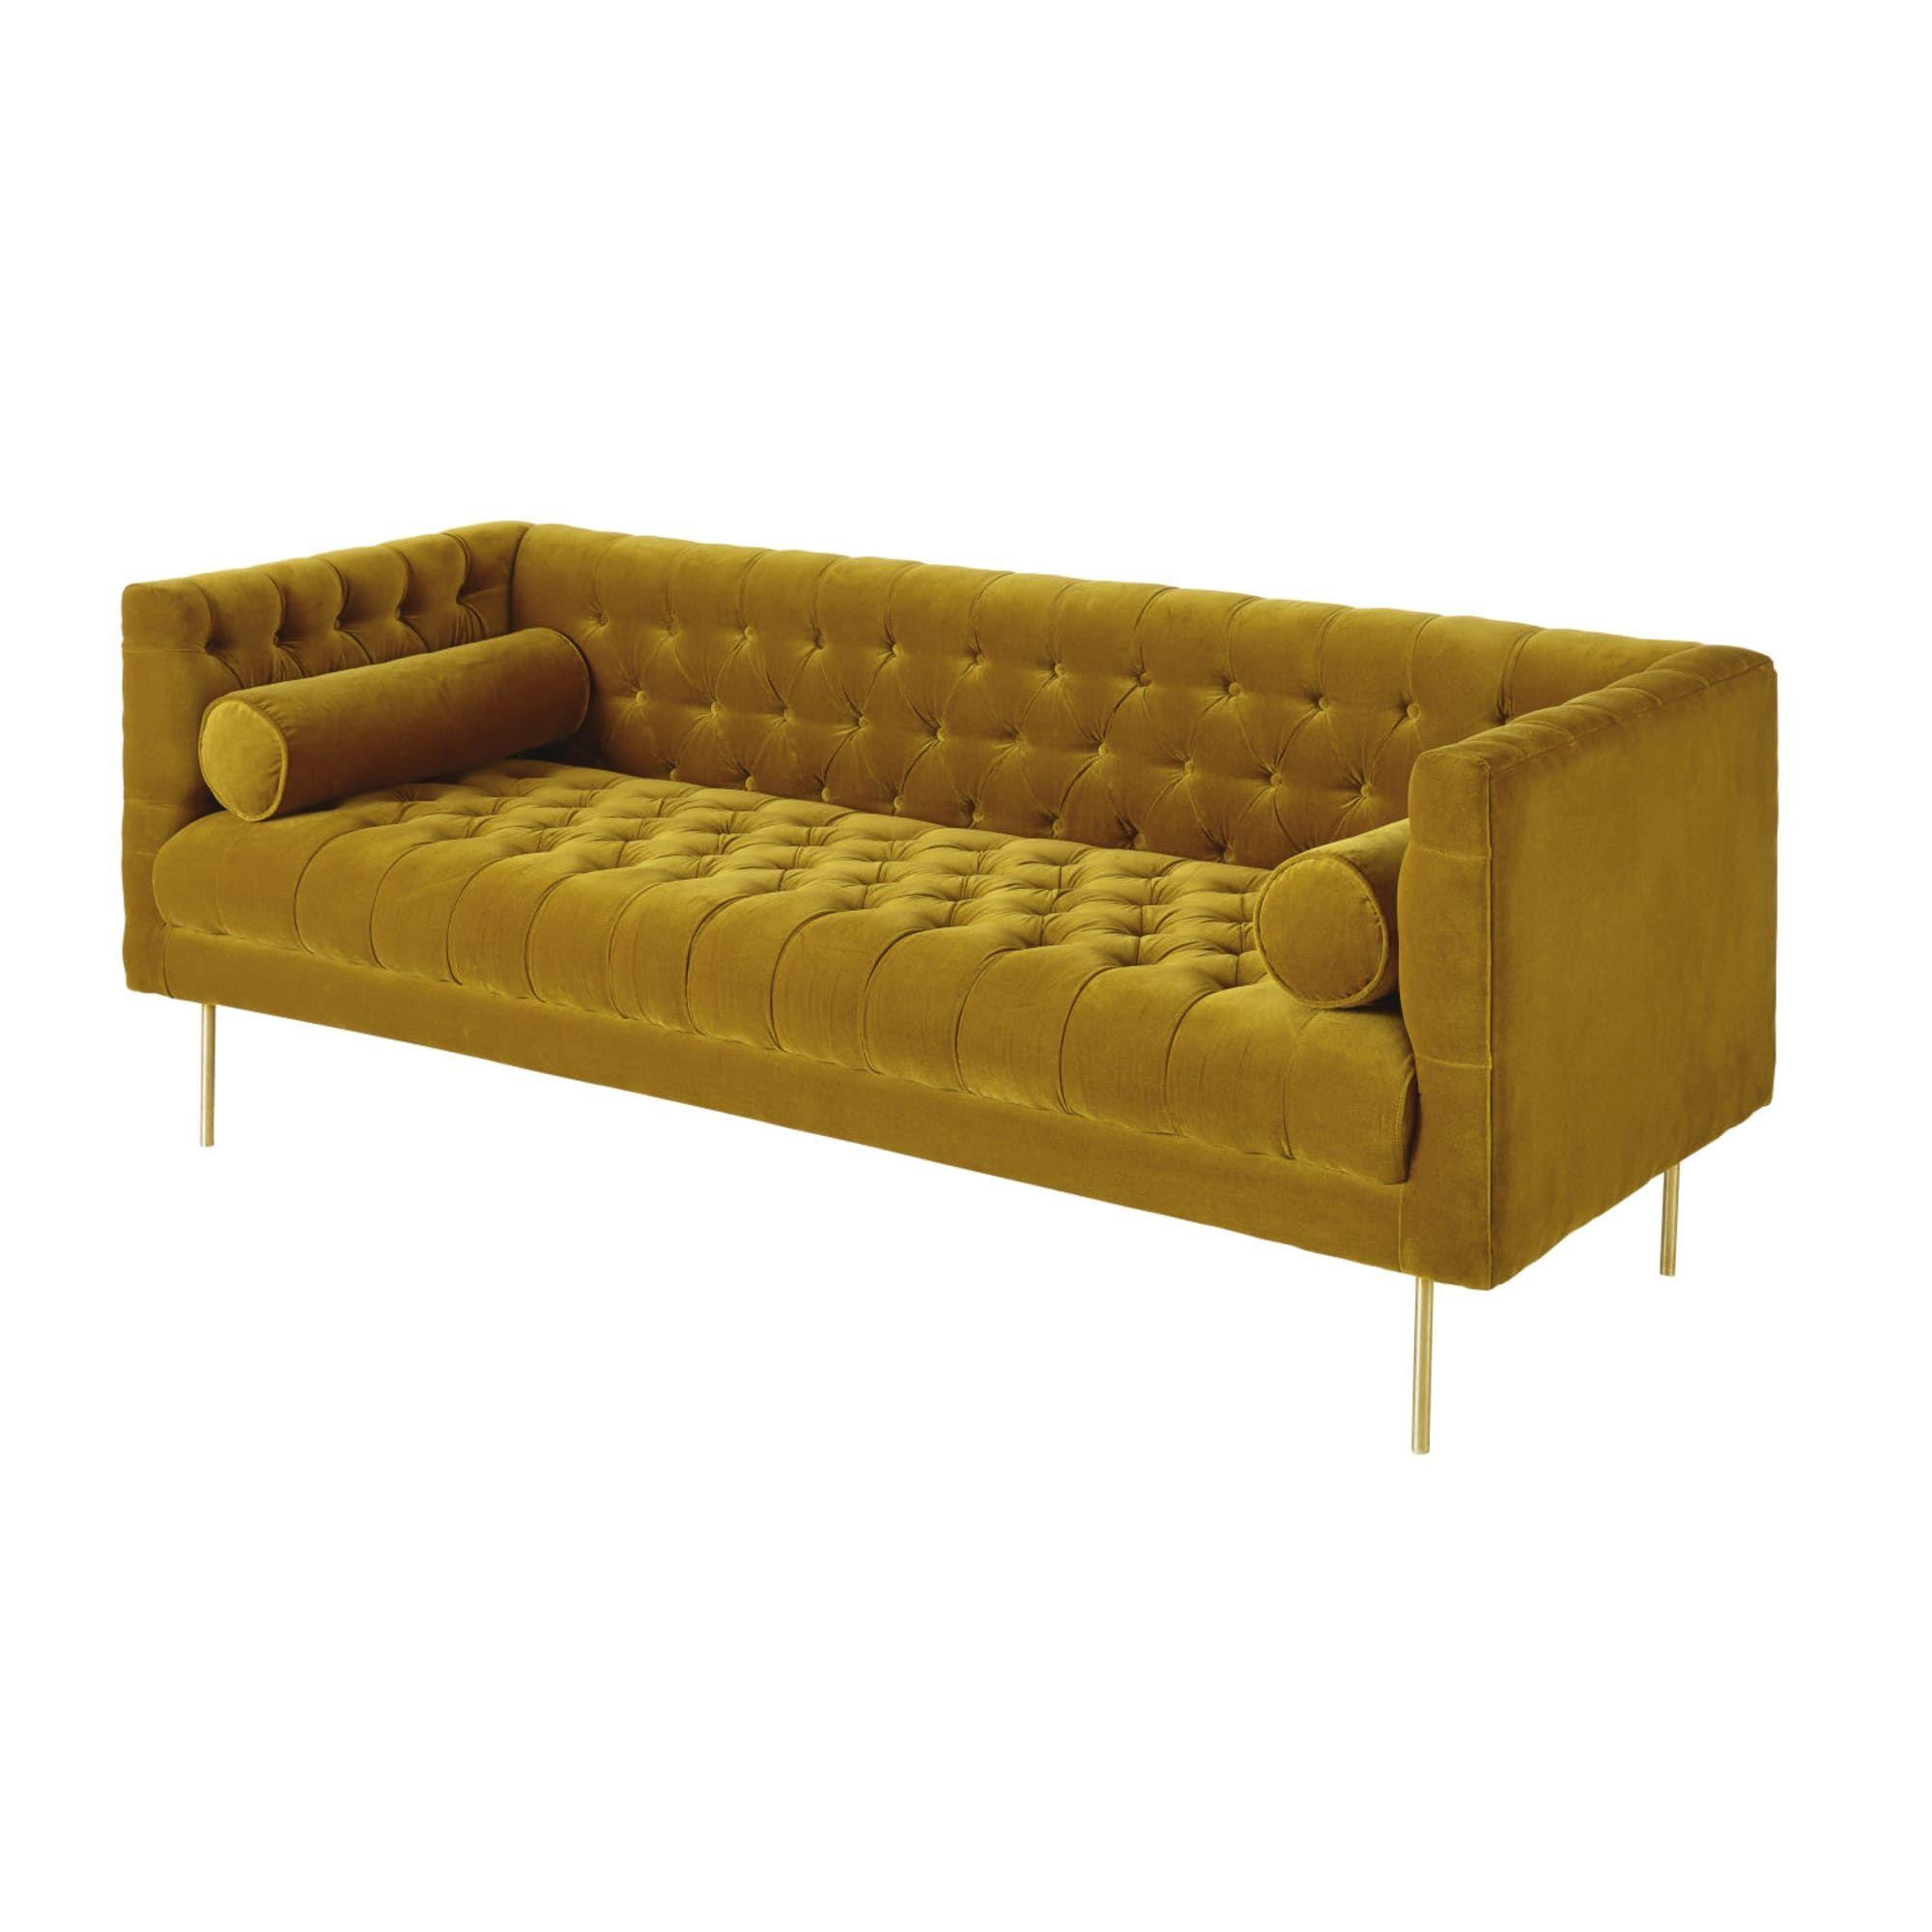 Canape 3 Places En Velours Jaune Moutarde Furniture Decor Sofa